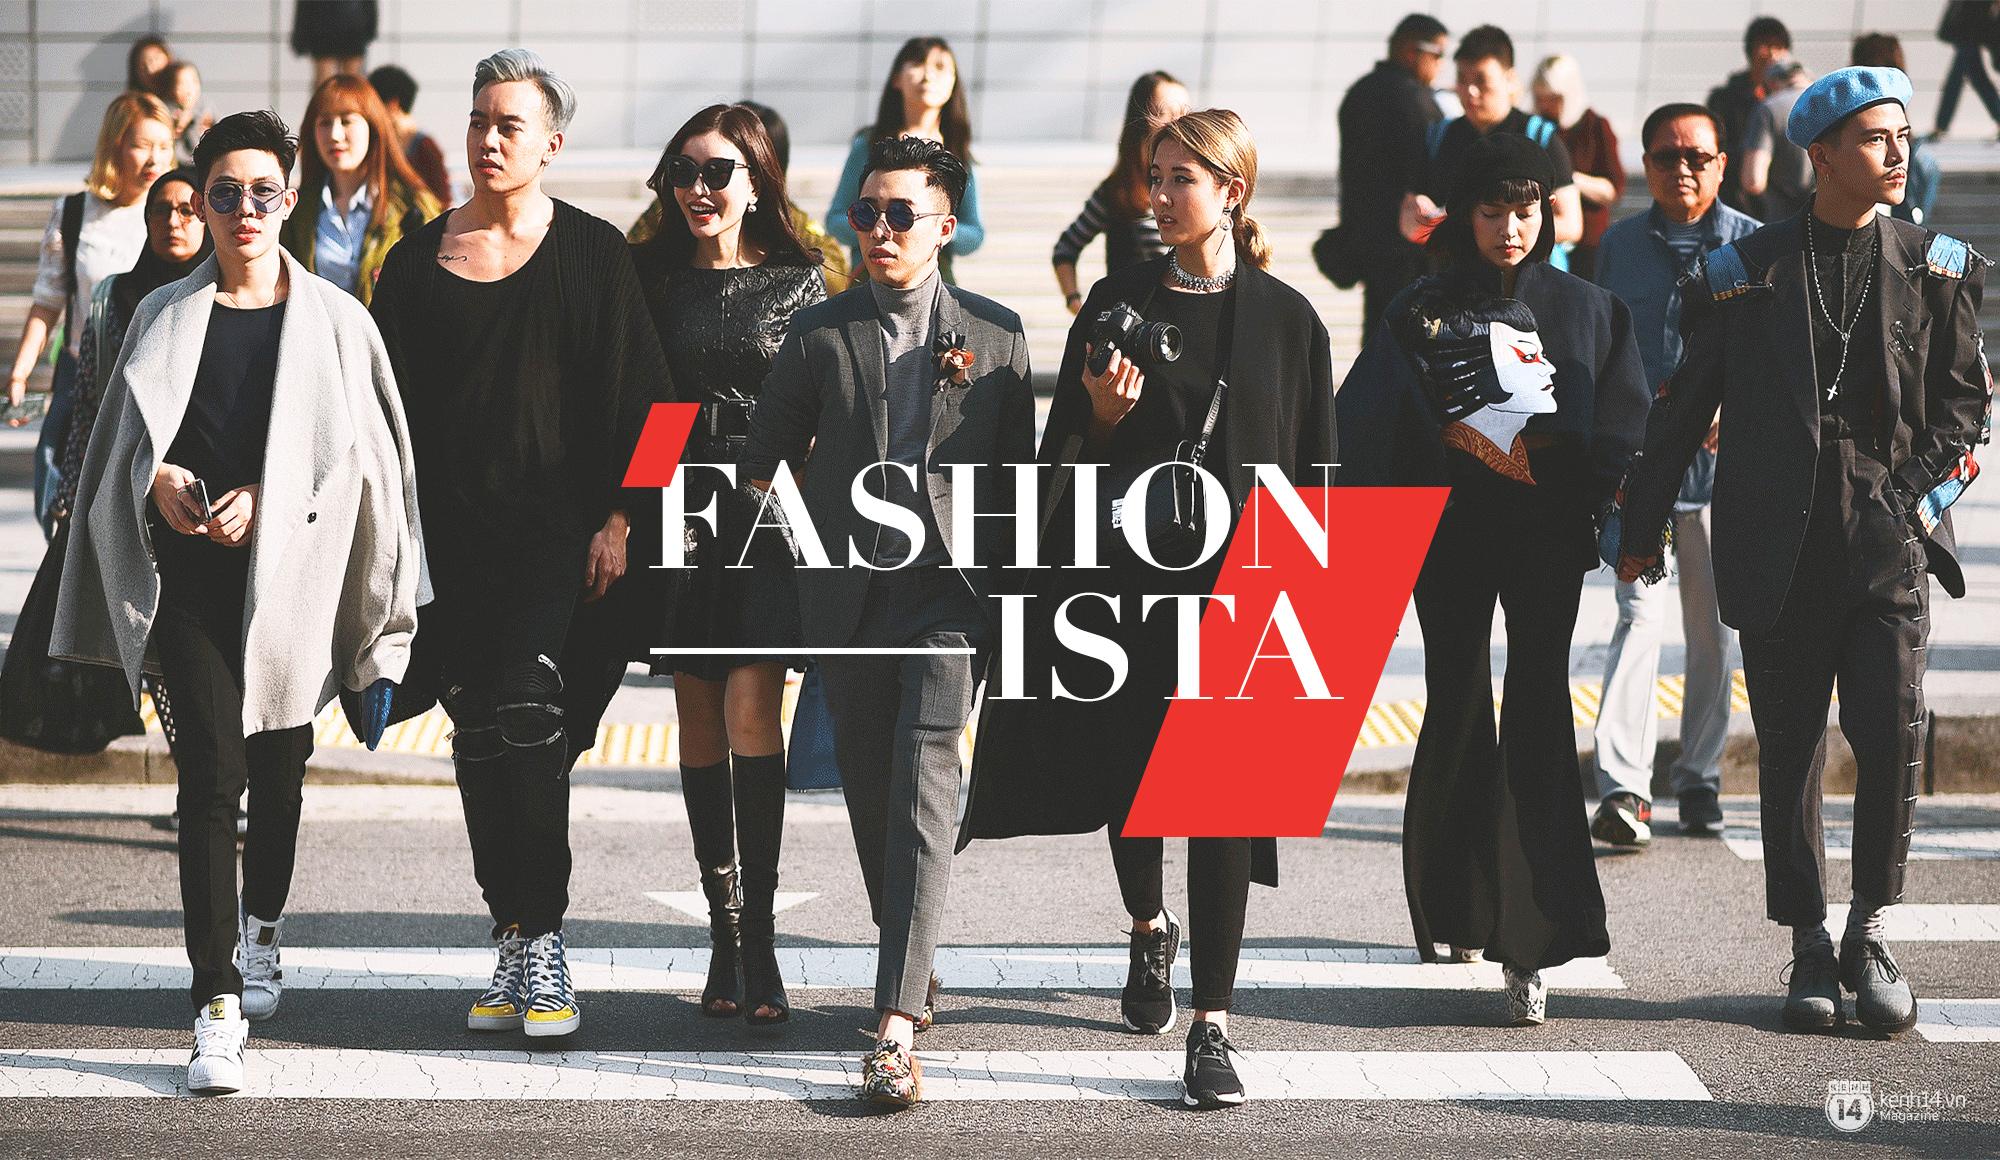 Fashionista Việt đi khắp các Tuần lễ thời trang thế giới: Tay xách nách mang, bao nhiêu là đủ? - Ảnh 7.